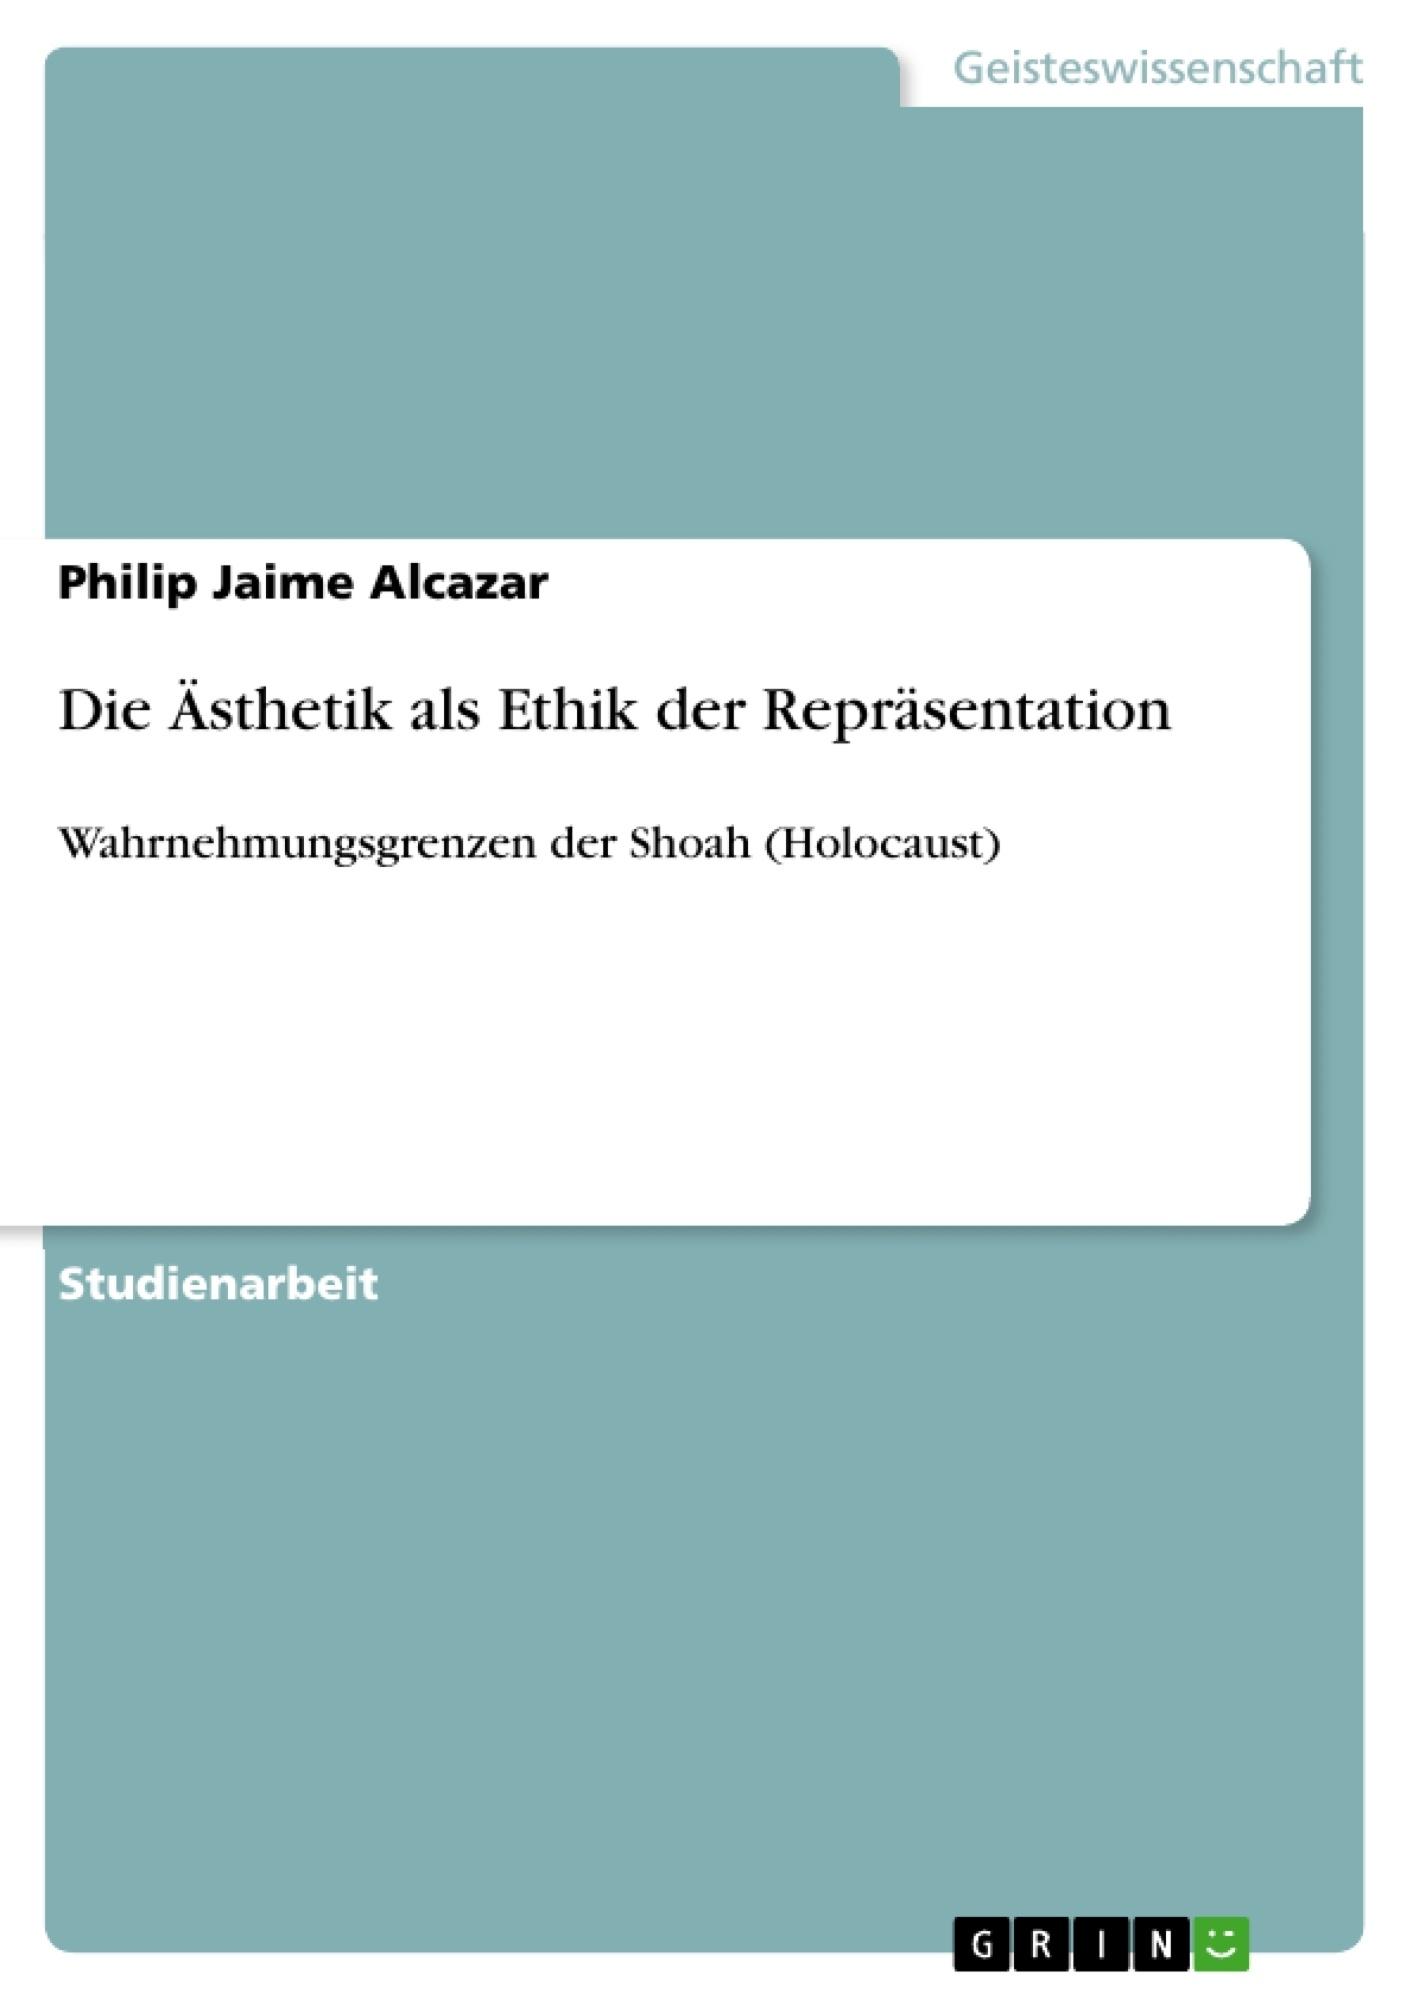 Titel: Die Ästhetik als Ethik der Repräsentation